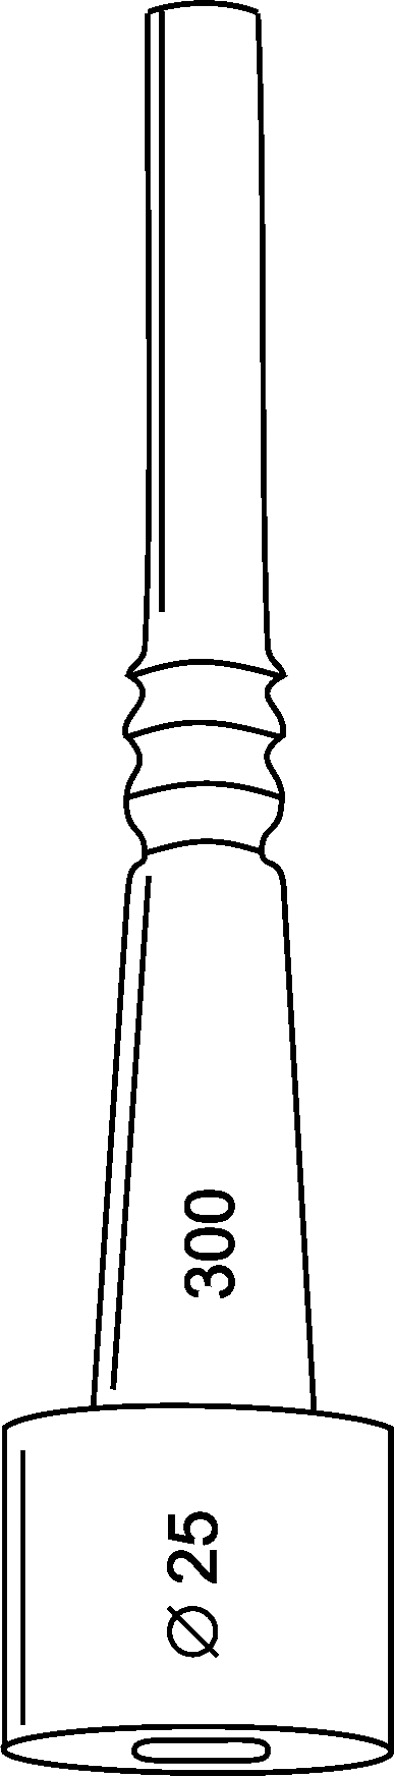 Strukové gumy AGS ITSPA 25 x 300 mm 3-drážková na dojení Agrostroj (4)